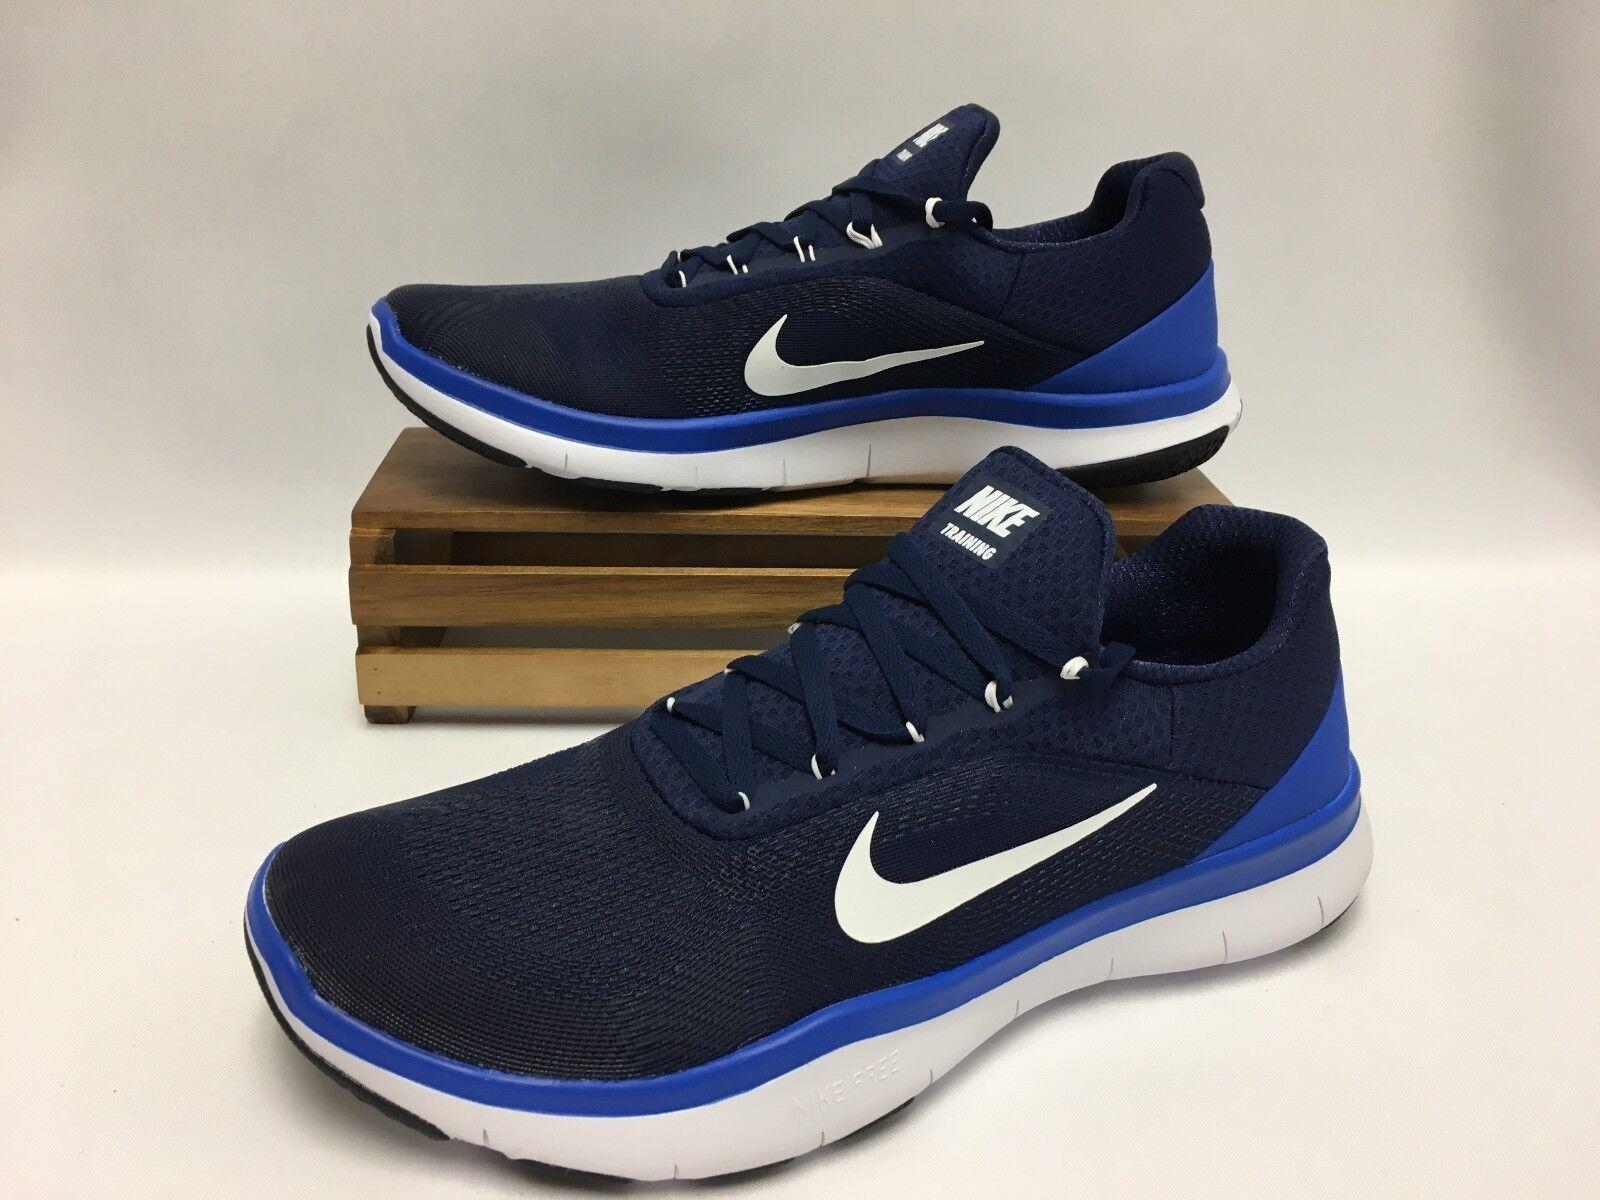 Nike Free Trainer V7  Training Shoes Navy Blue White 898053-400 Men's NEW